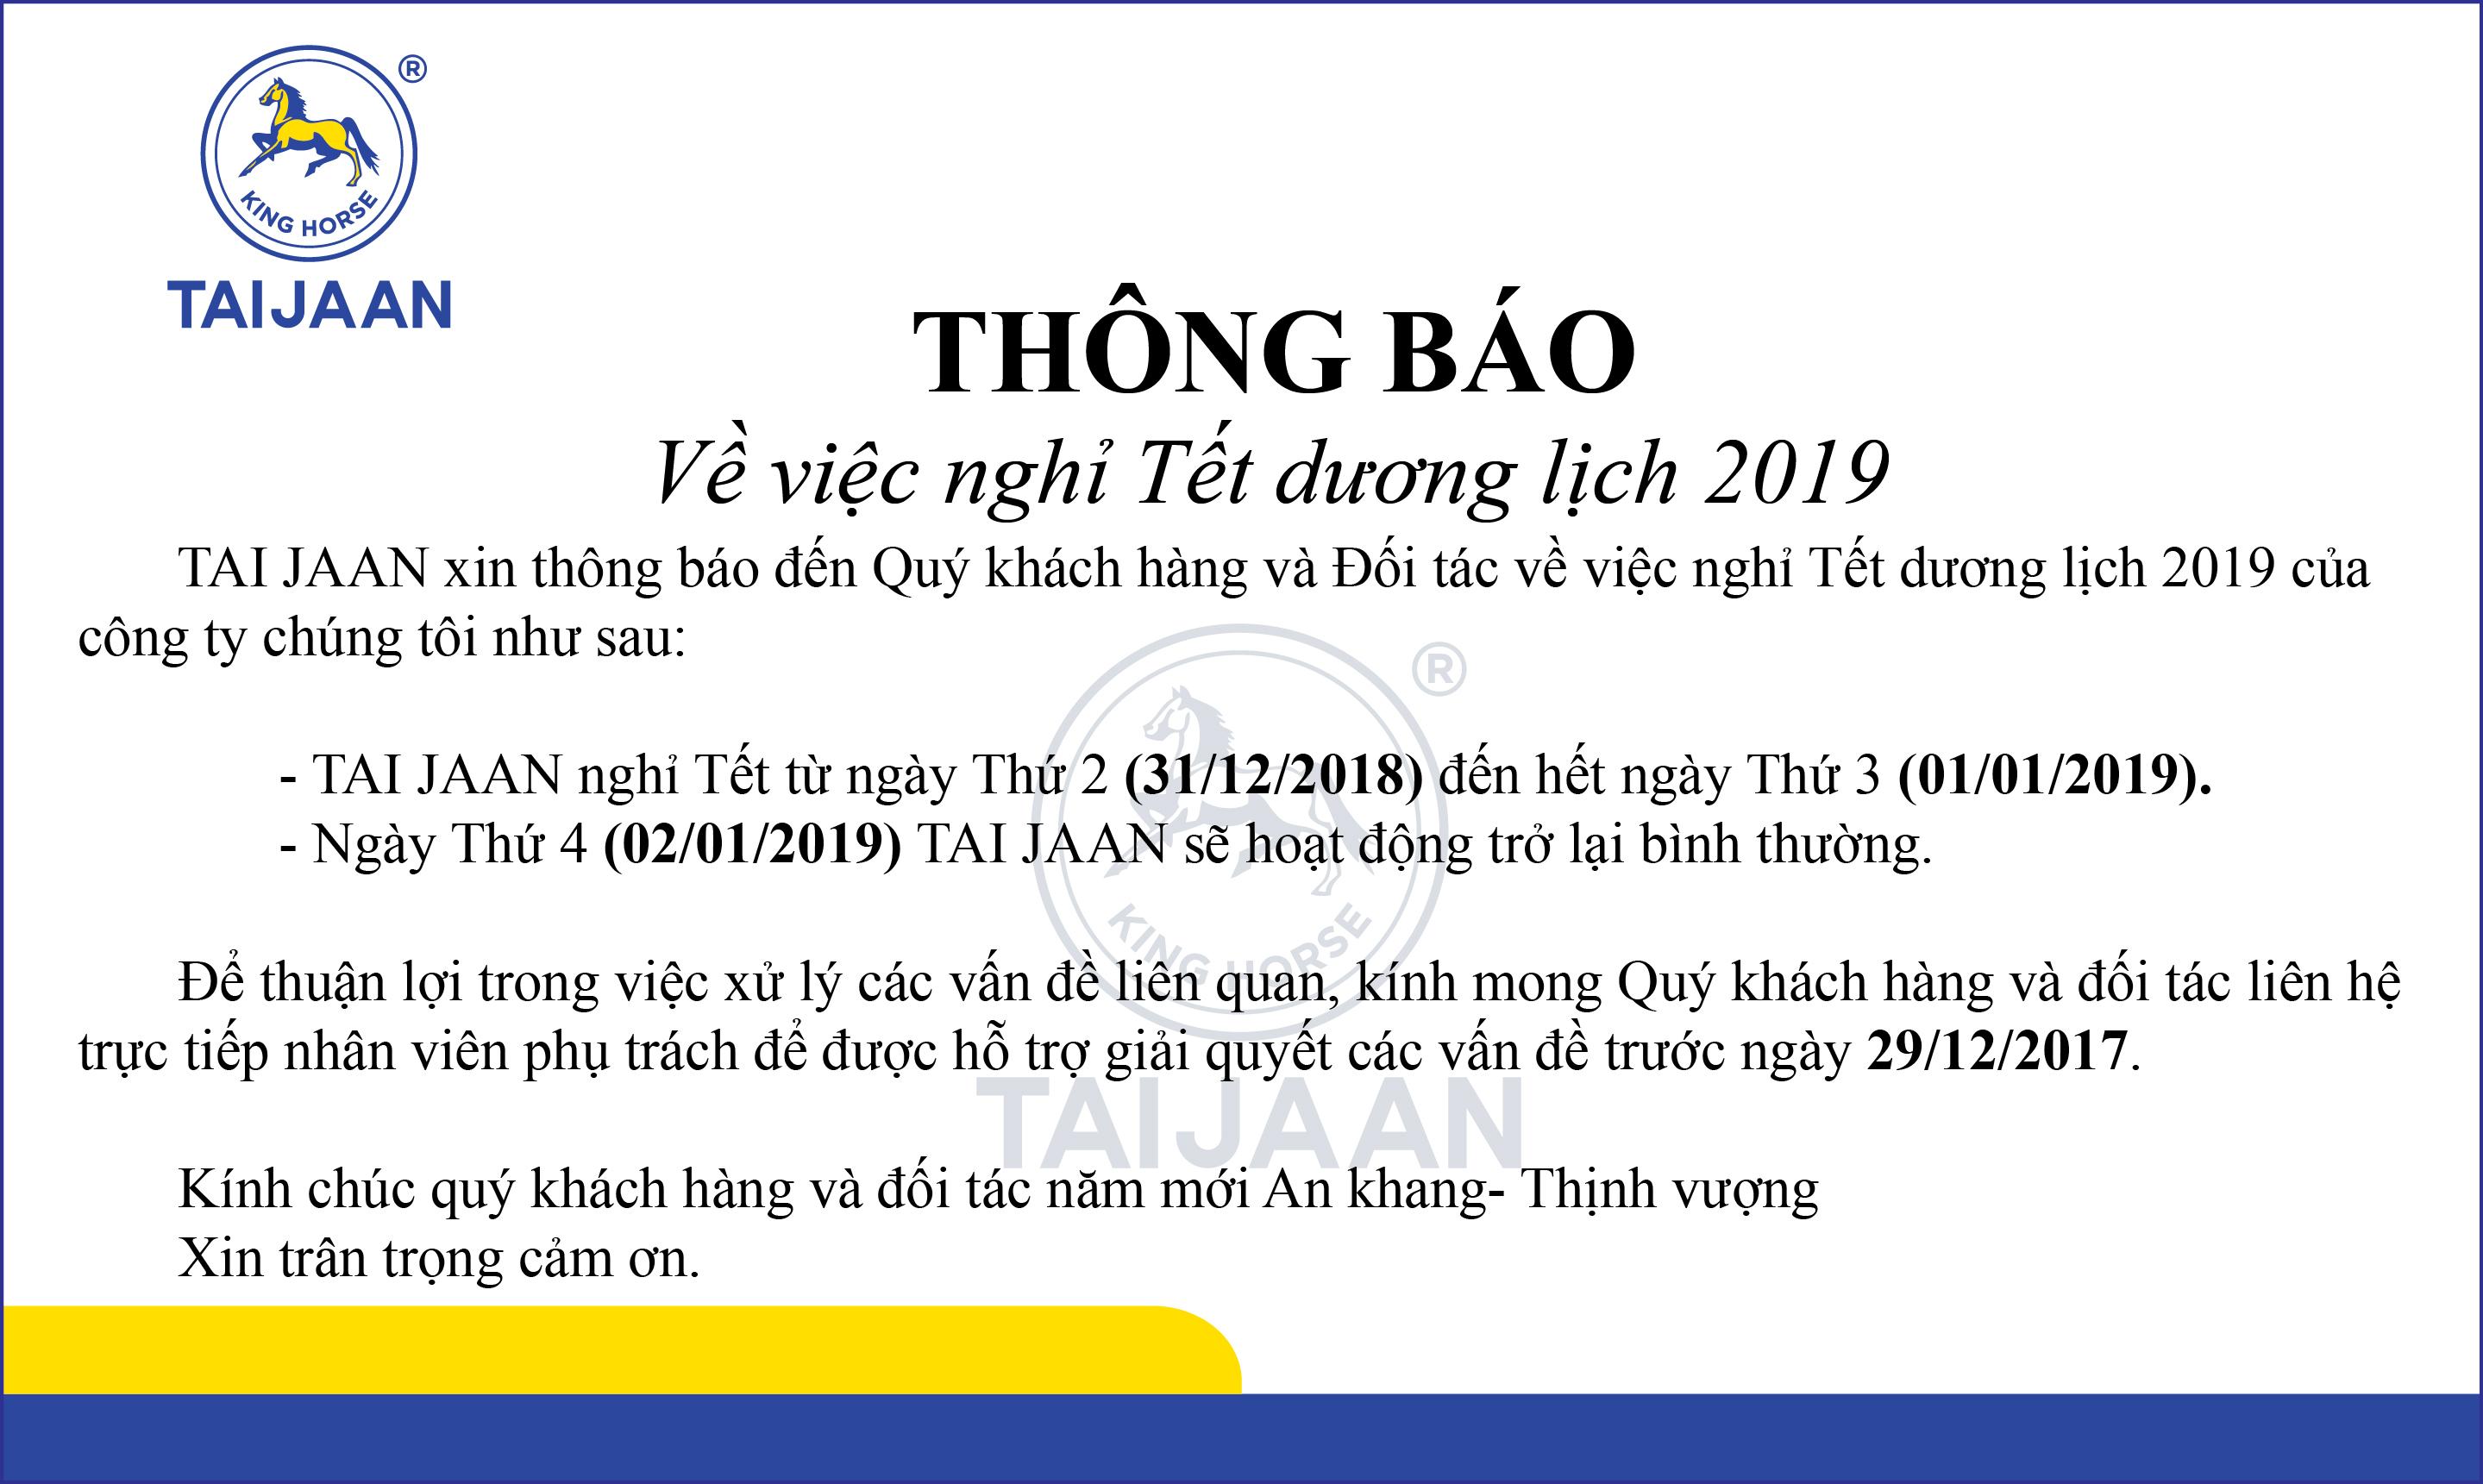 [TB] Lịch nghỉ Tết dương lịch năm 2019